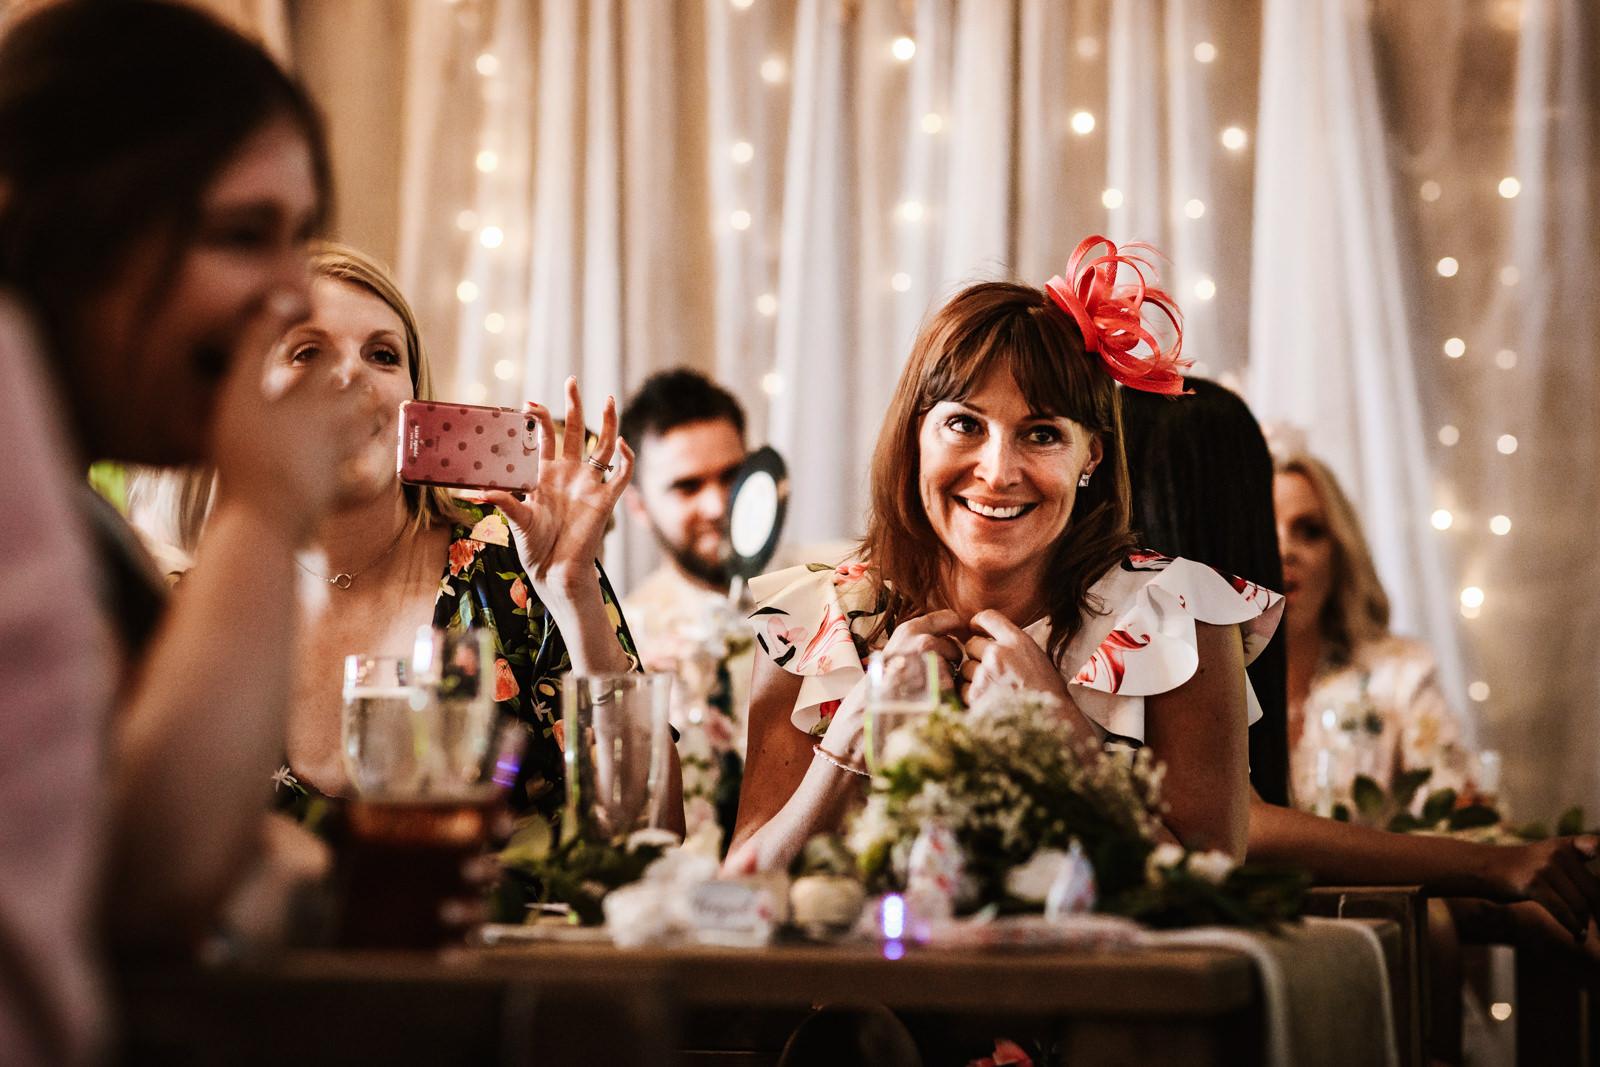 Wedding guest smiling during best man speech